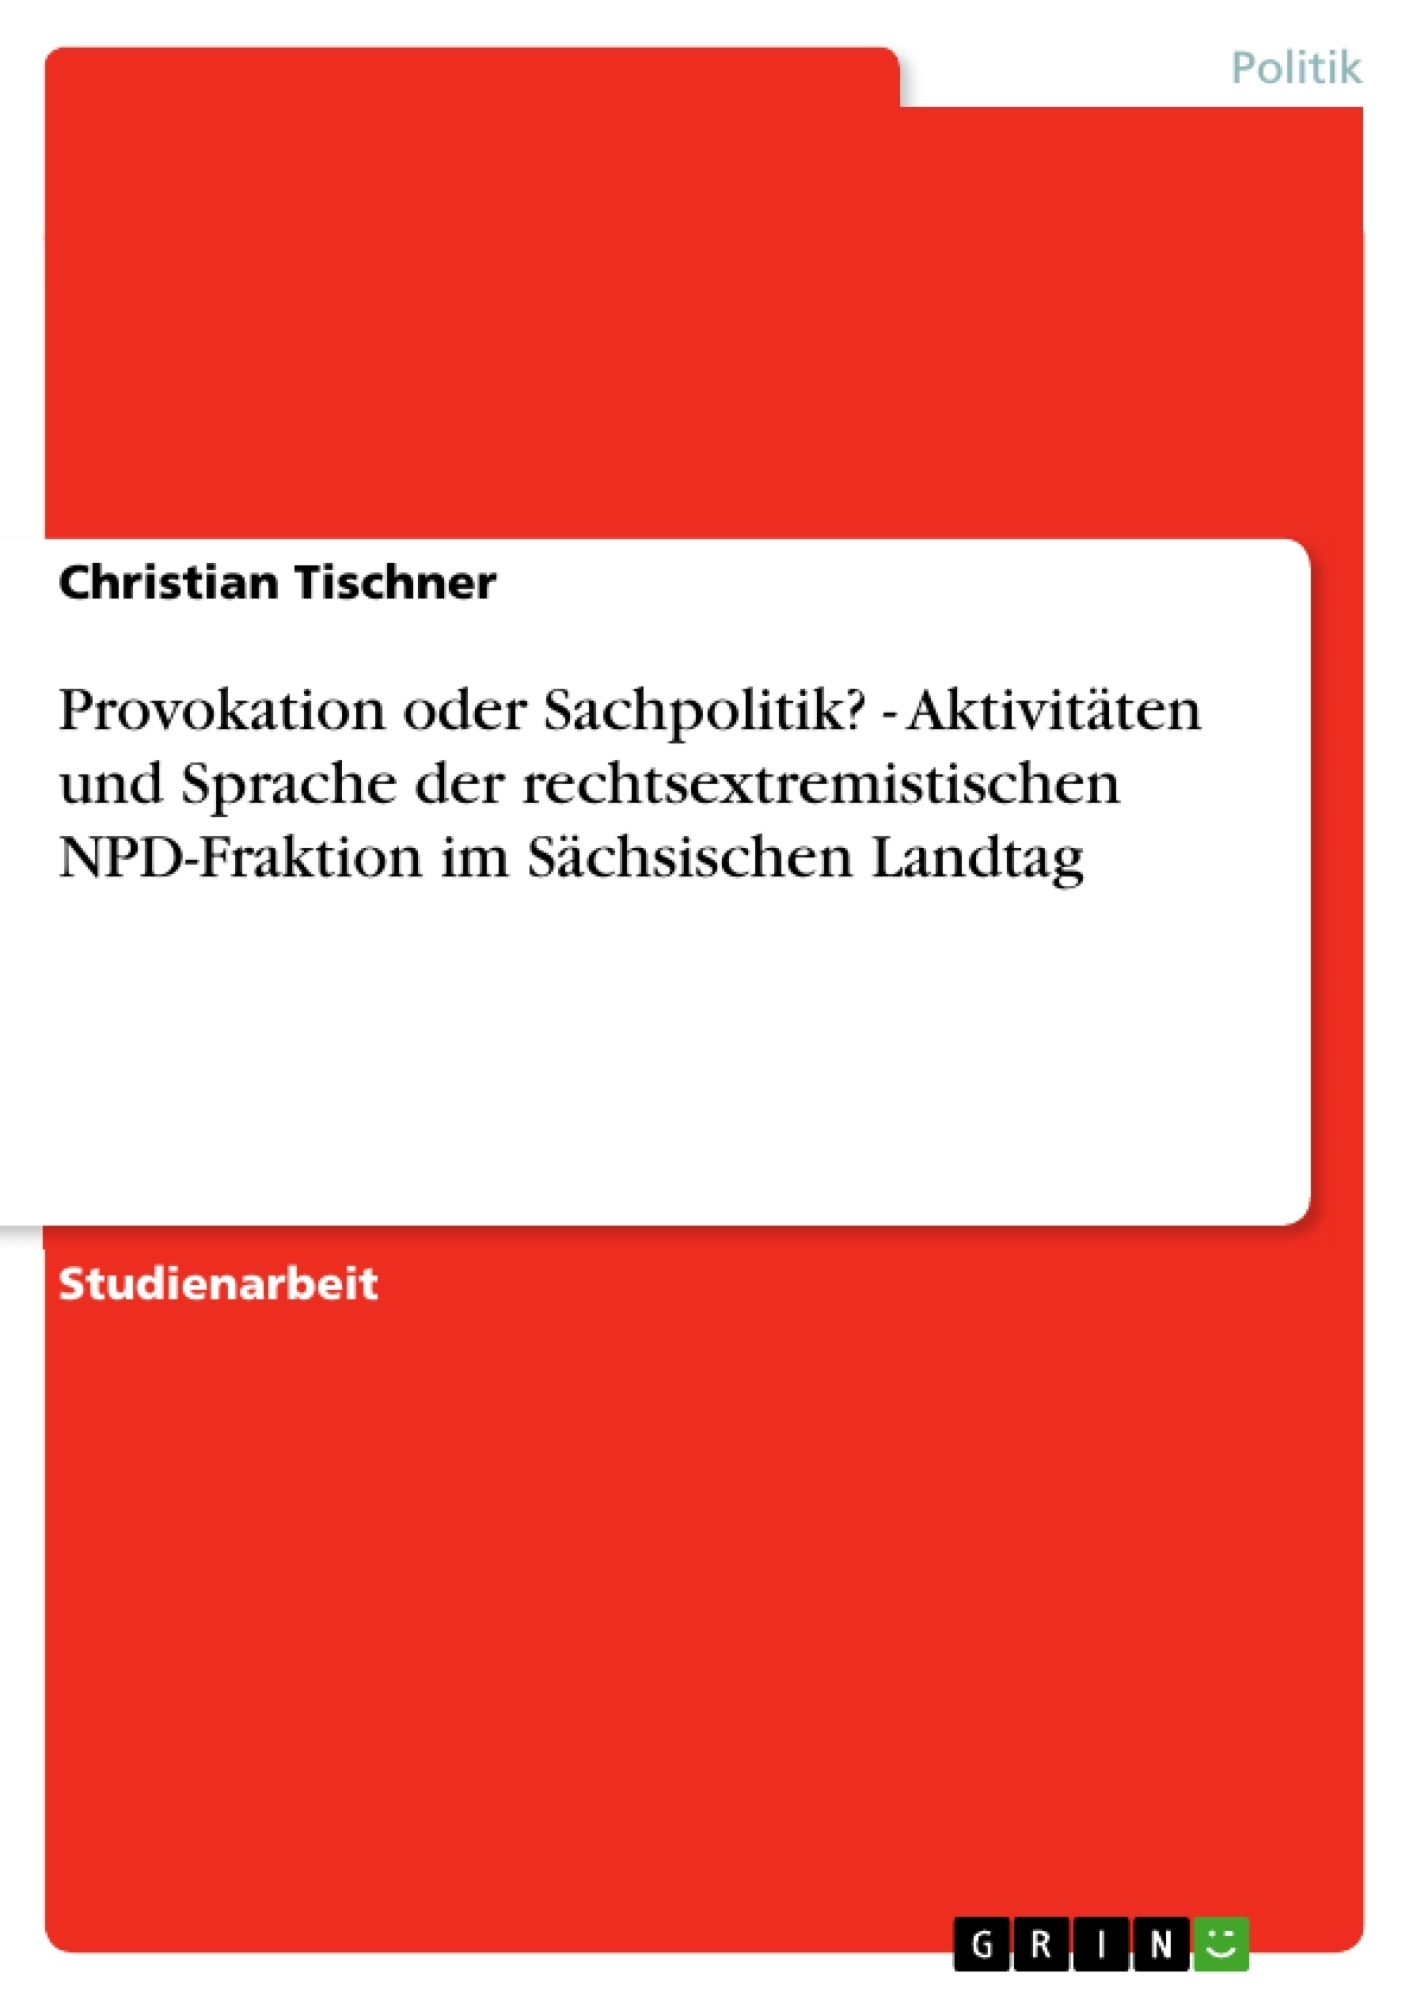 Titel: Provokation oder Sachpolitik? - Aktivitäten und Sprache der rechtsextremistischen NPD-Fraktion im Sächsischen Landtag